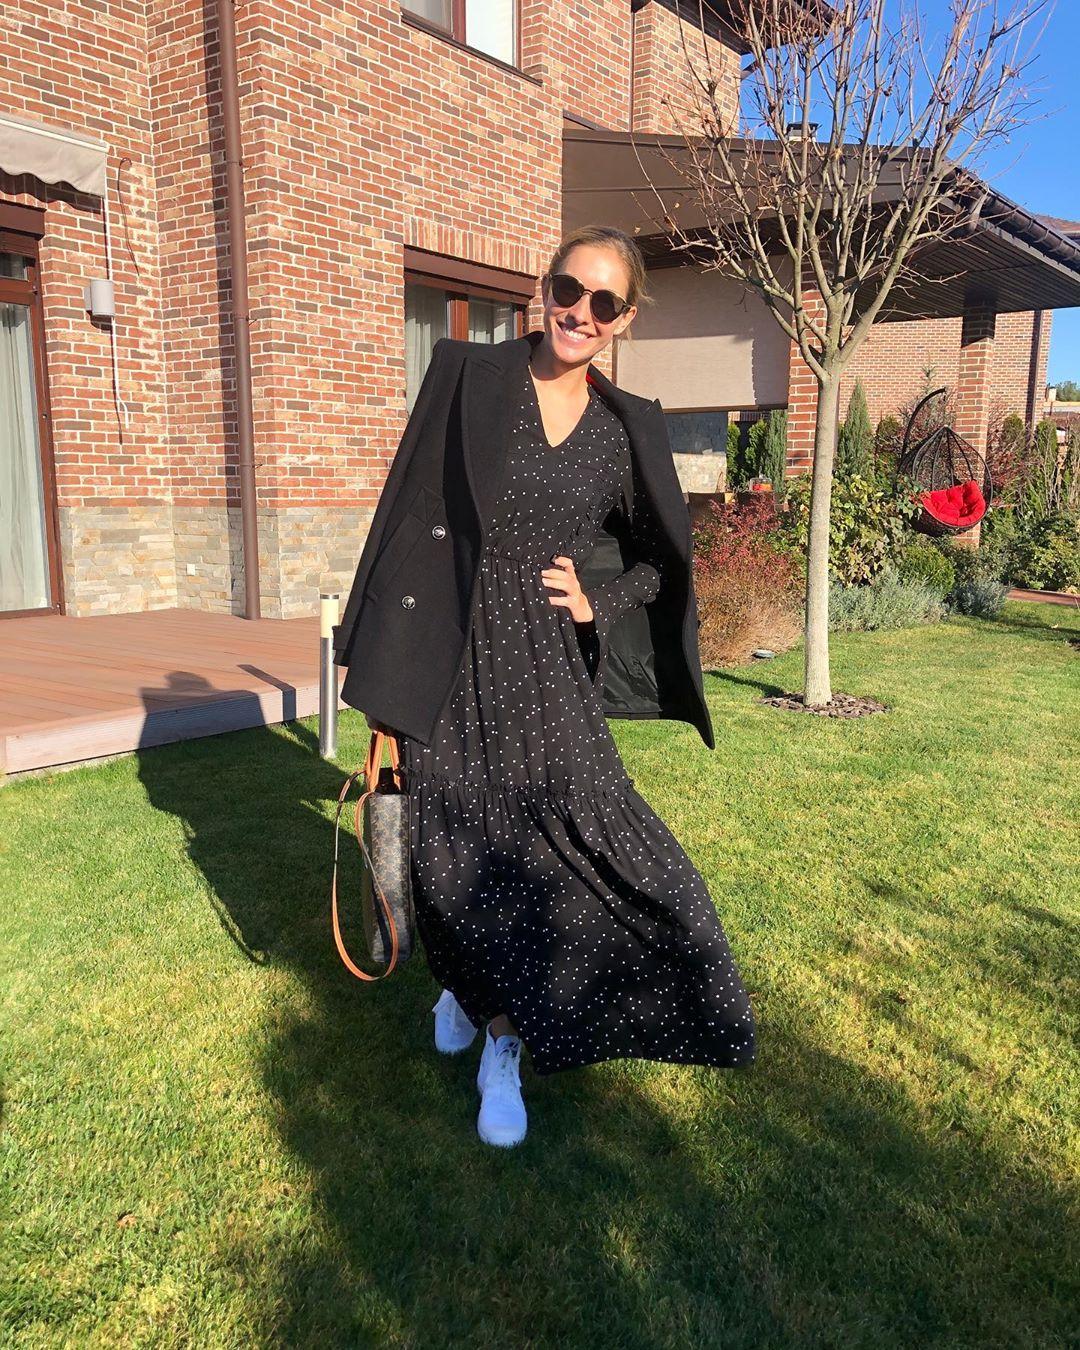 Королева стиля: Катя Осадчая похвасталась идеальным осенним выходом